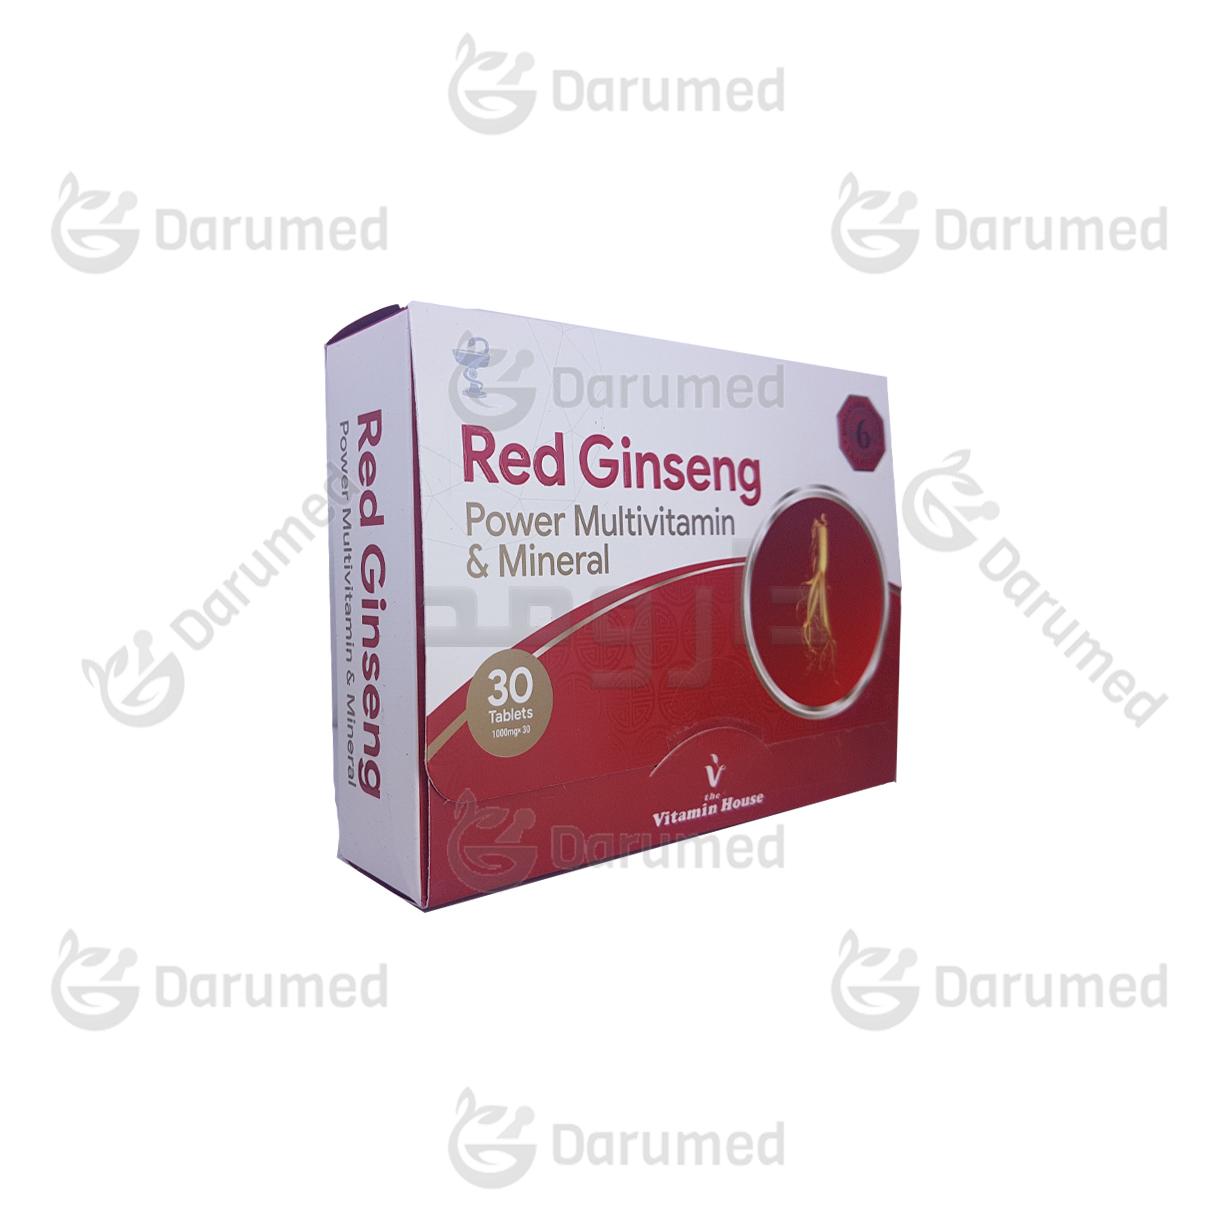 قرص-رد-جینسینگ-ویتامین-هوس